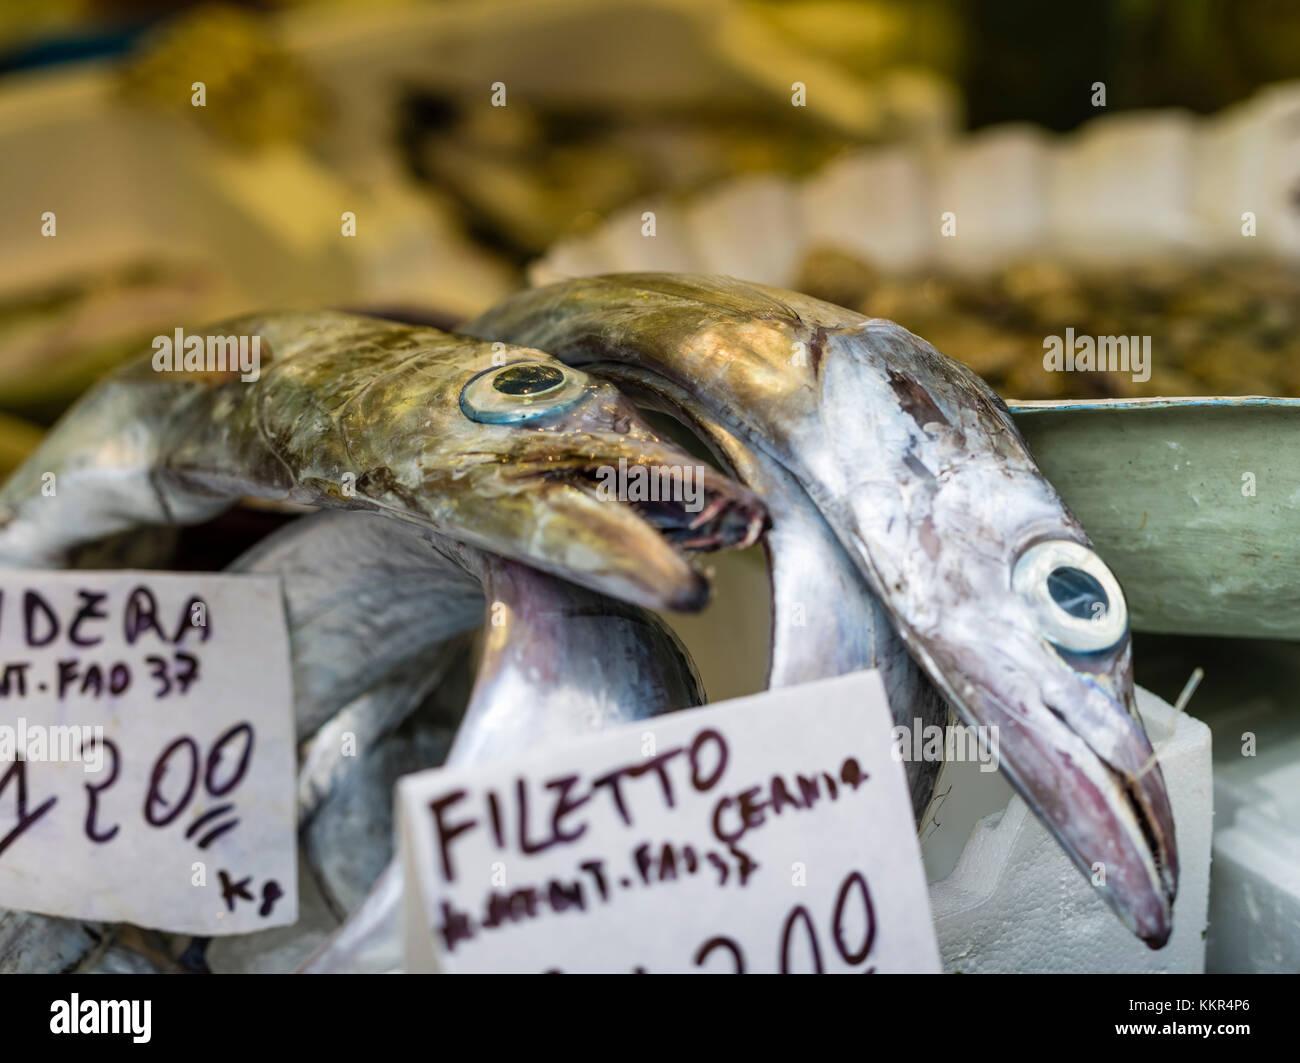 Naples market italy stock photos naples market italy for Cherry street fish market